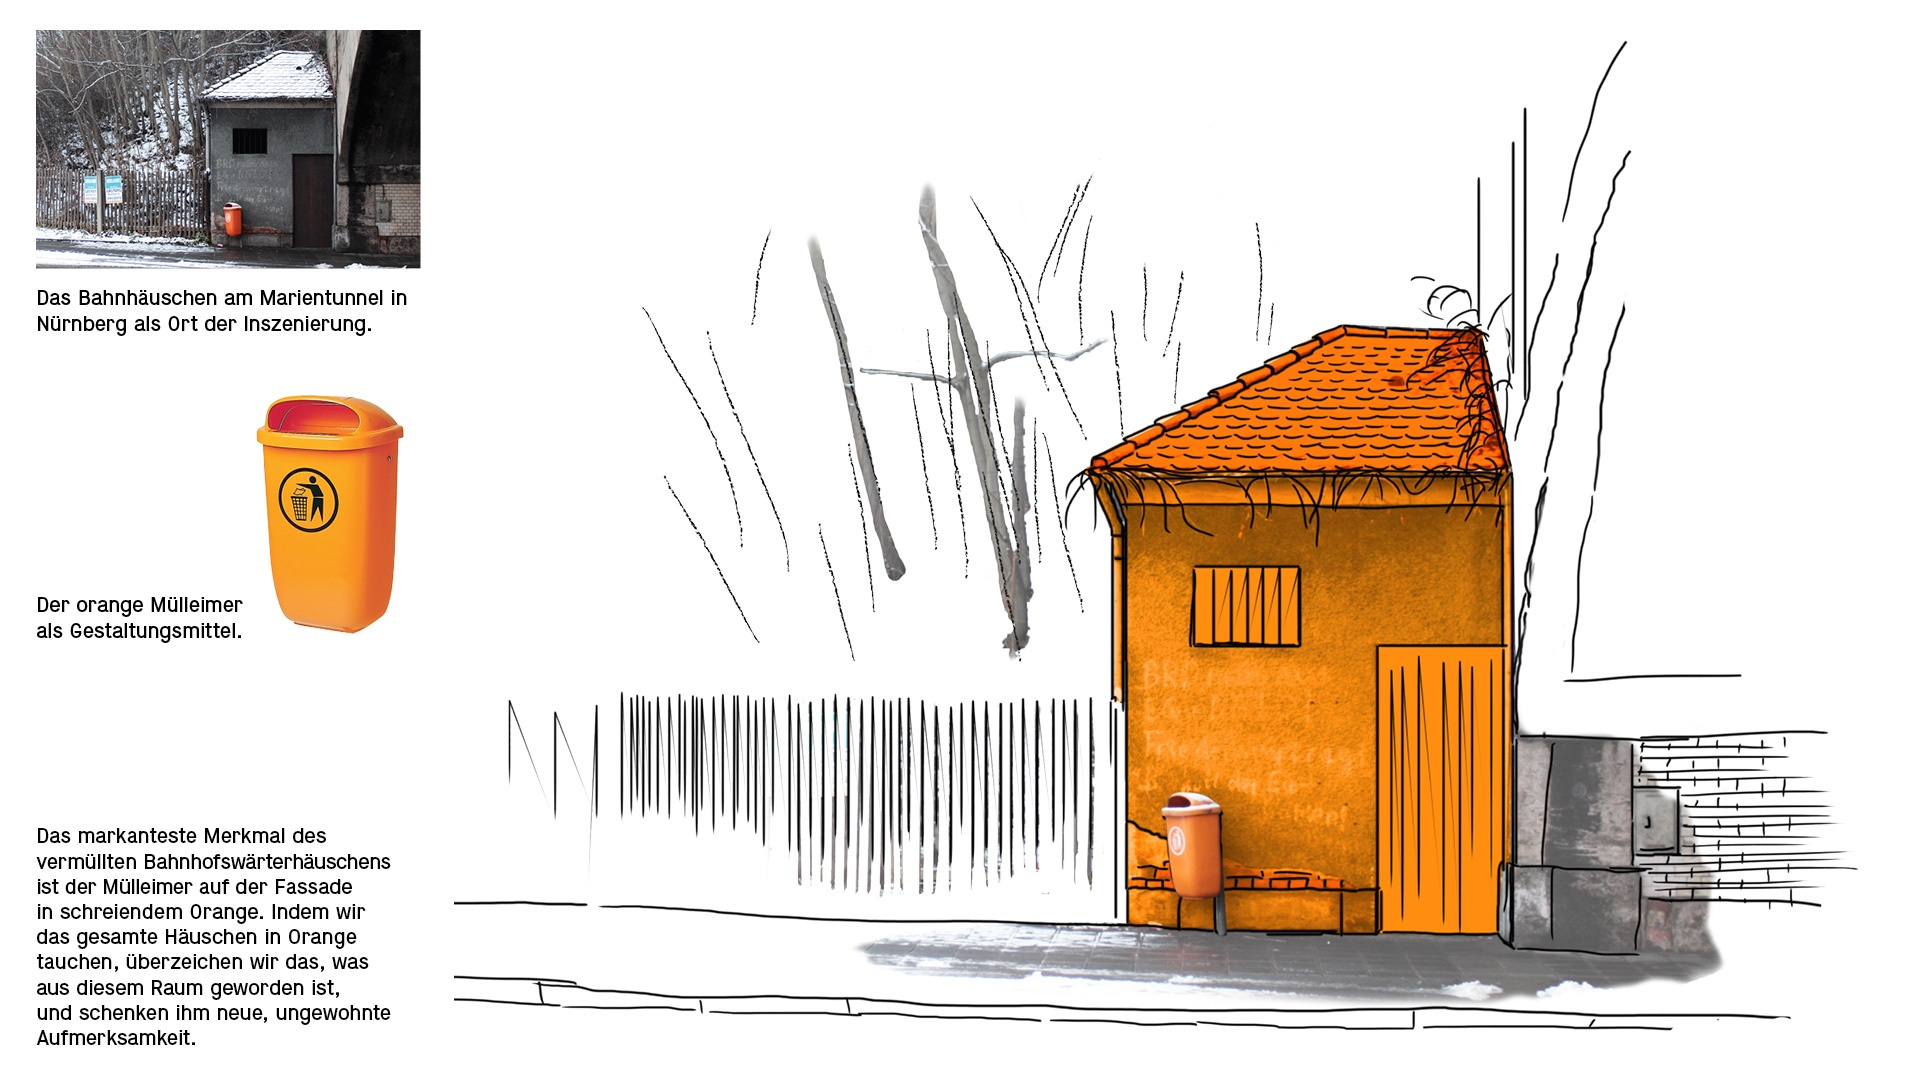 Das Bahnhäuschen am Marientunnel in Nürnberg las Ort der Inszenierung. Der orange Mülleimer als Gesatltungsmittel.